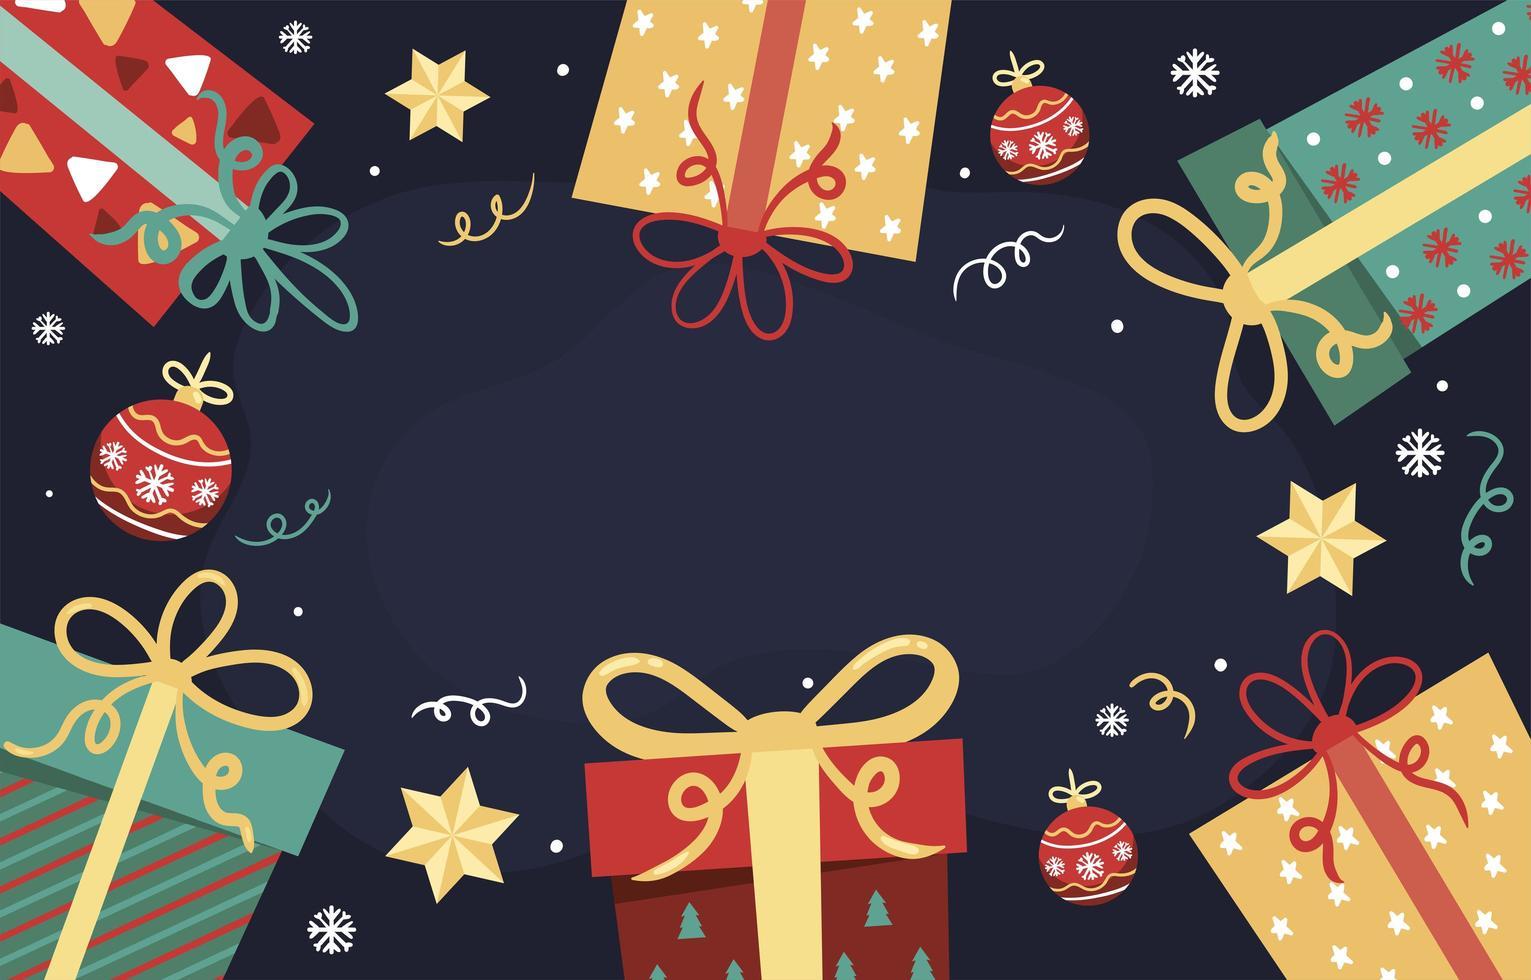 sfondo regalo di Natale gioioso vettore